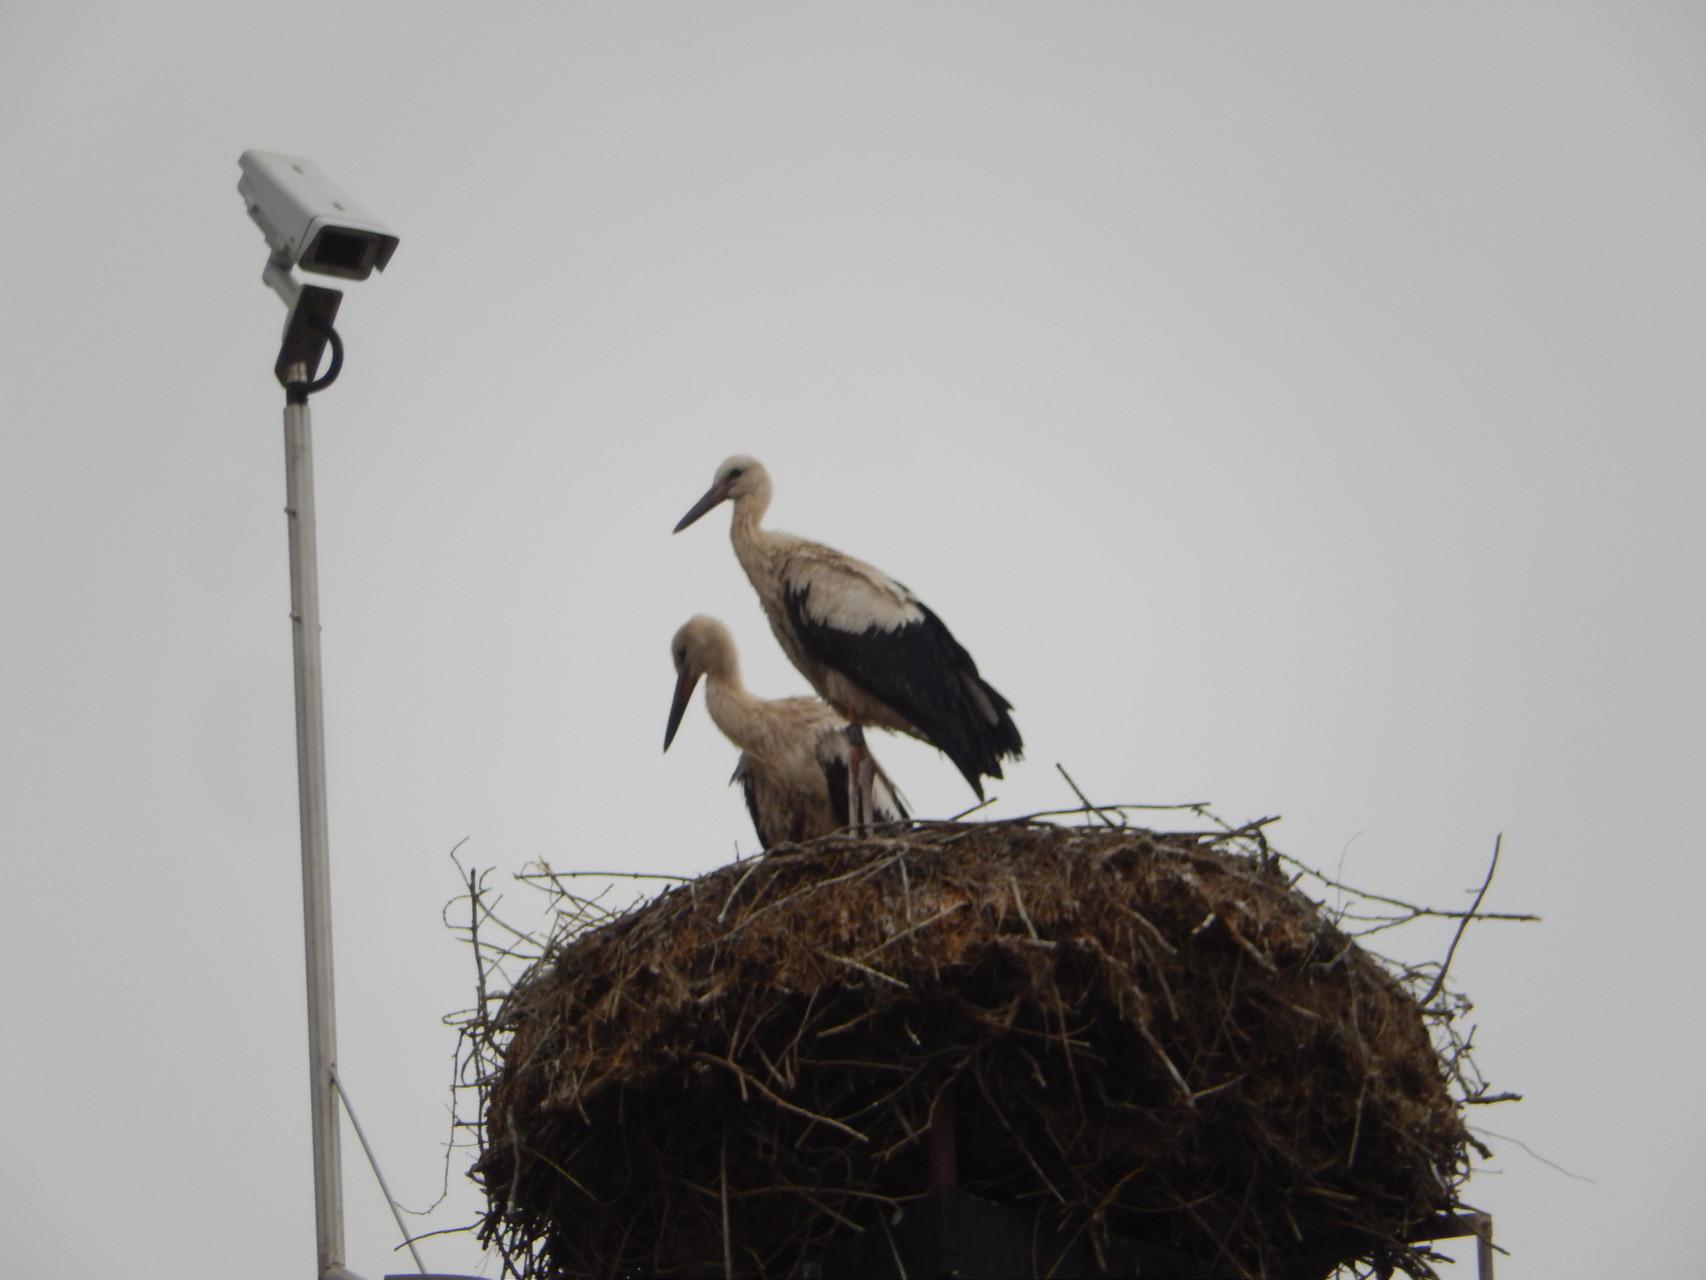 zweisam: seit dem 2. August fehlte einer auf dem Nest